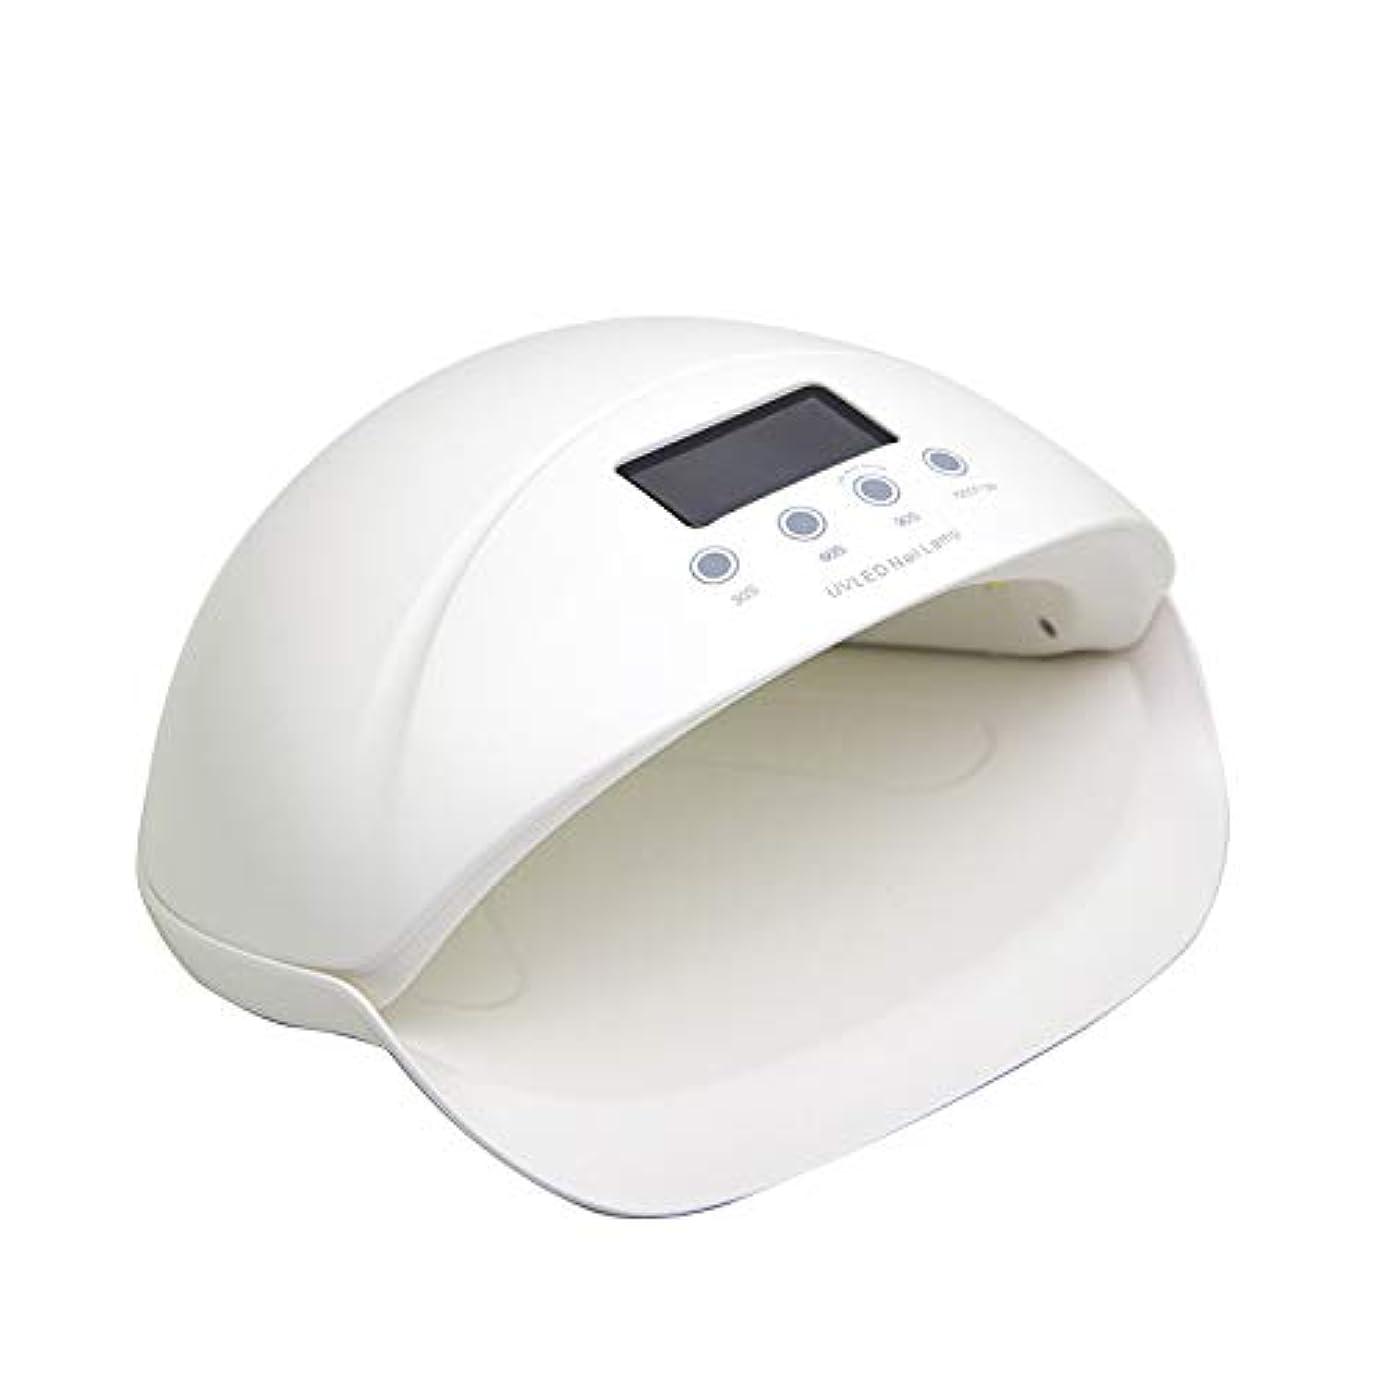 その間詳細に腫瘍硬化用UVライトLED ネイルドライヤー UVネイルライト 50W タイマー設定可能